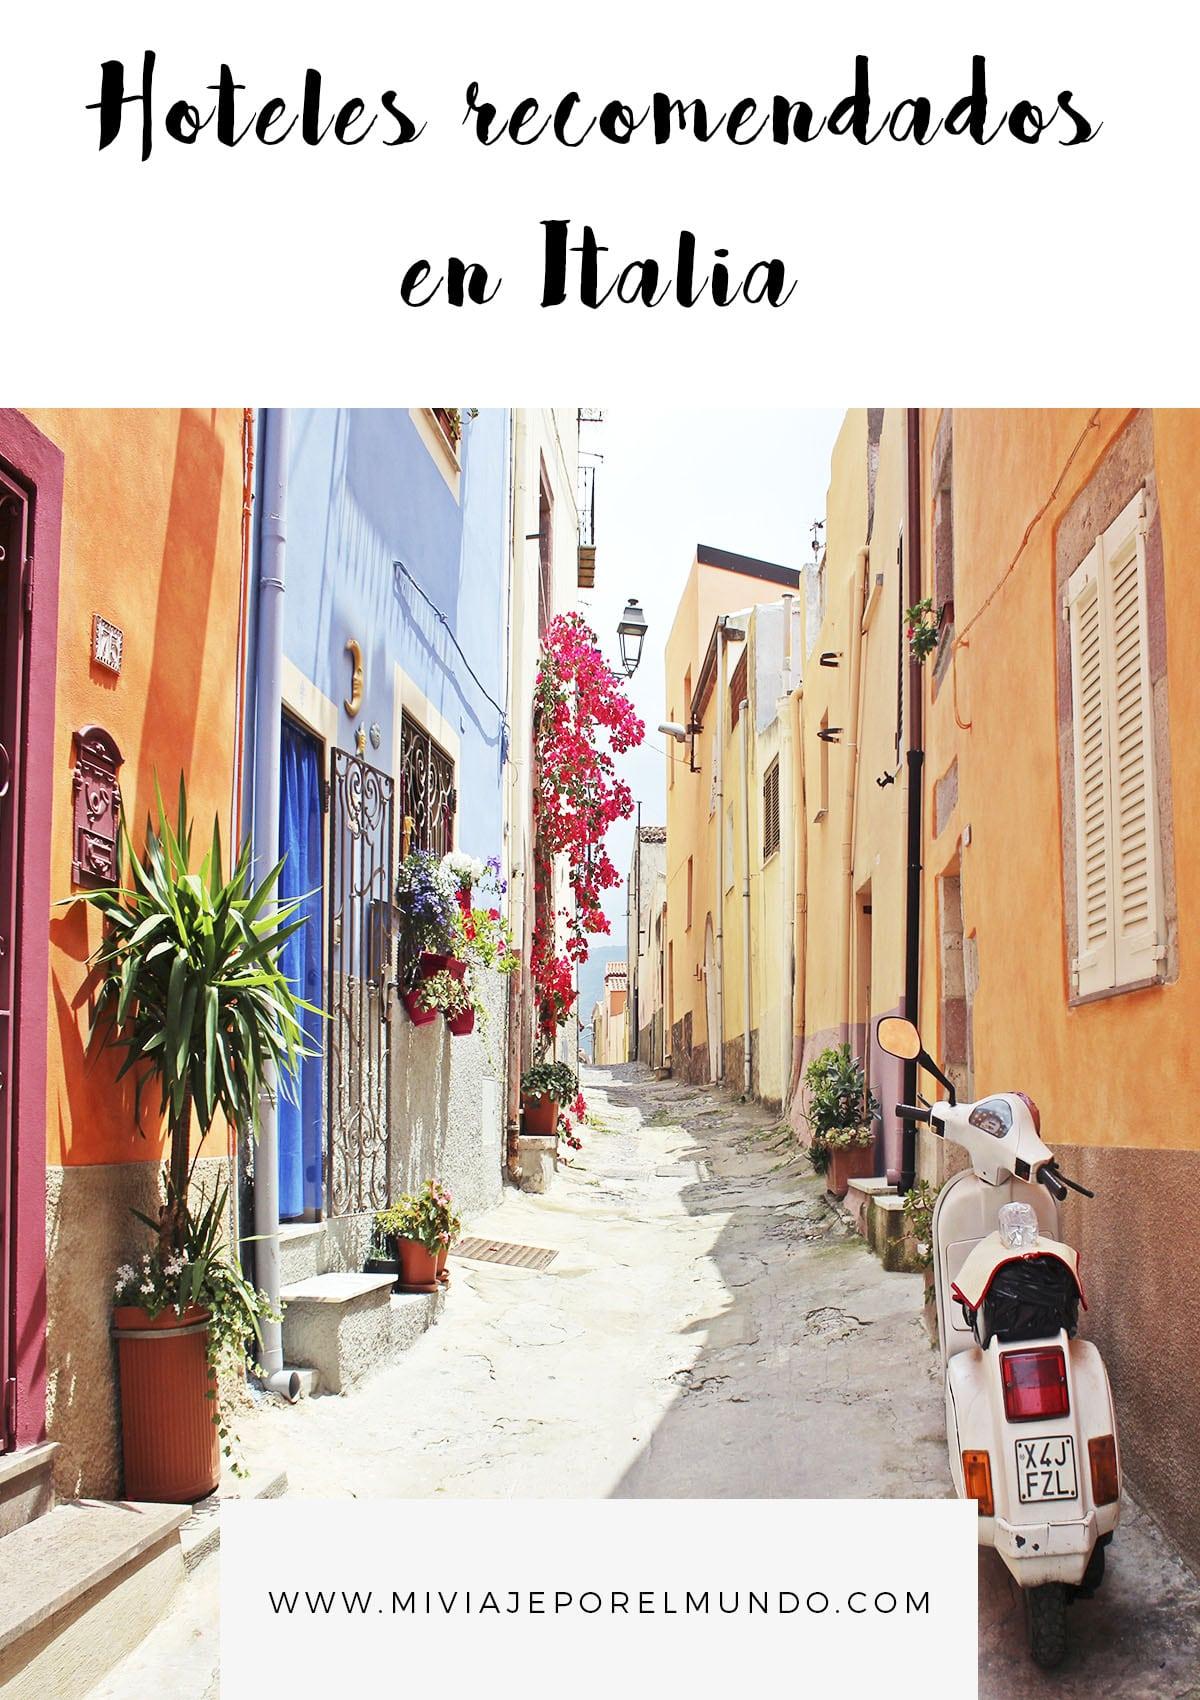 hoteles recomendados en italia